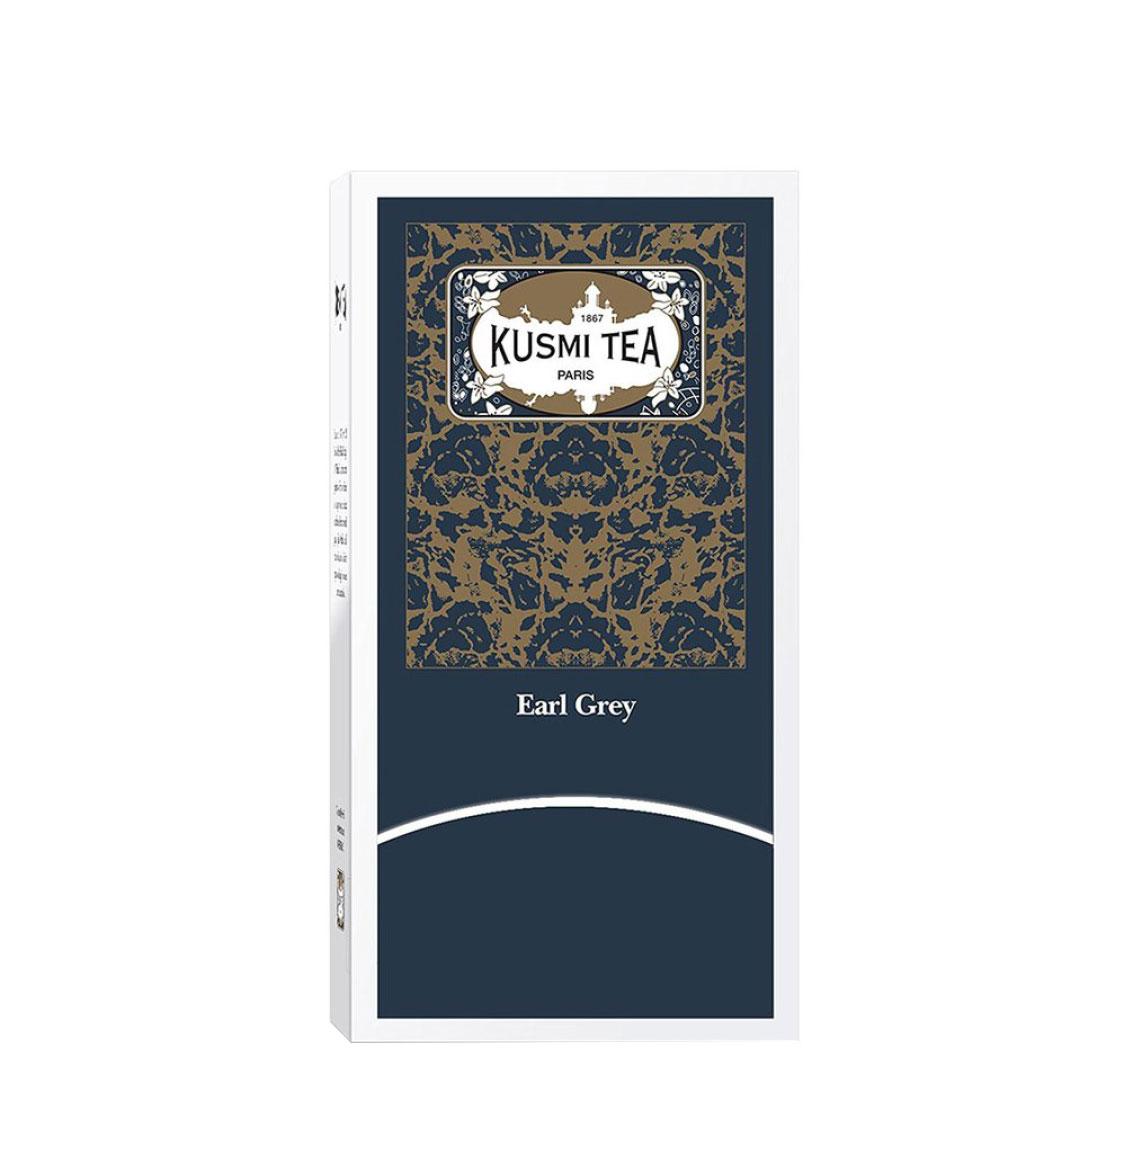 Kusmi Tea Earl Grey Tea 25 Φακελάκια